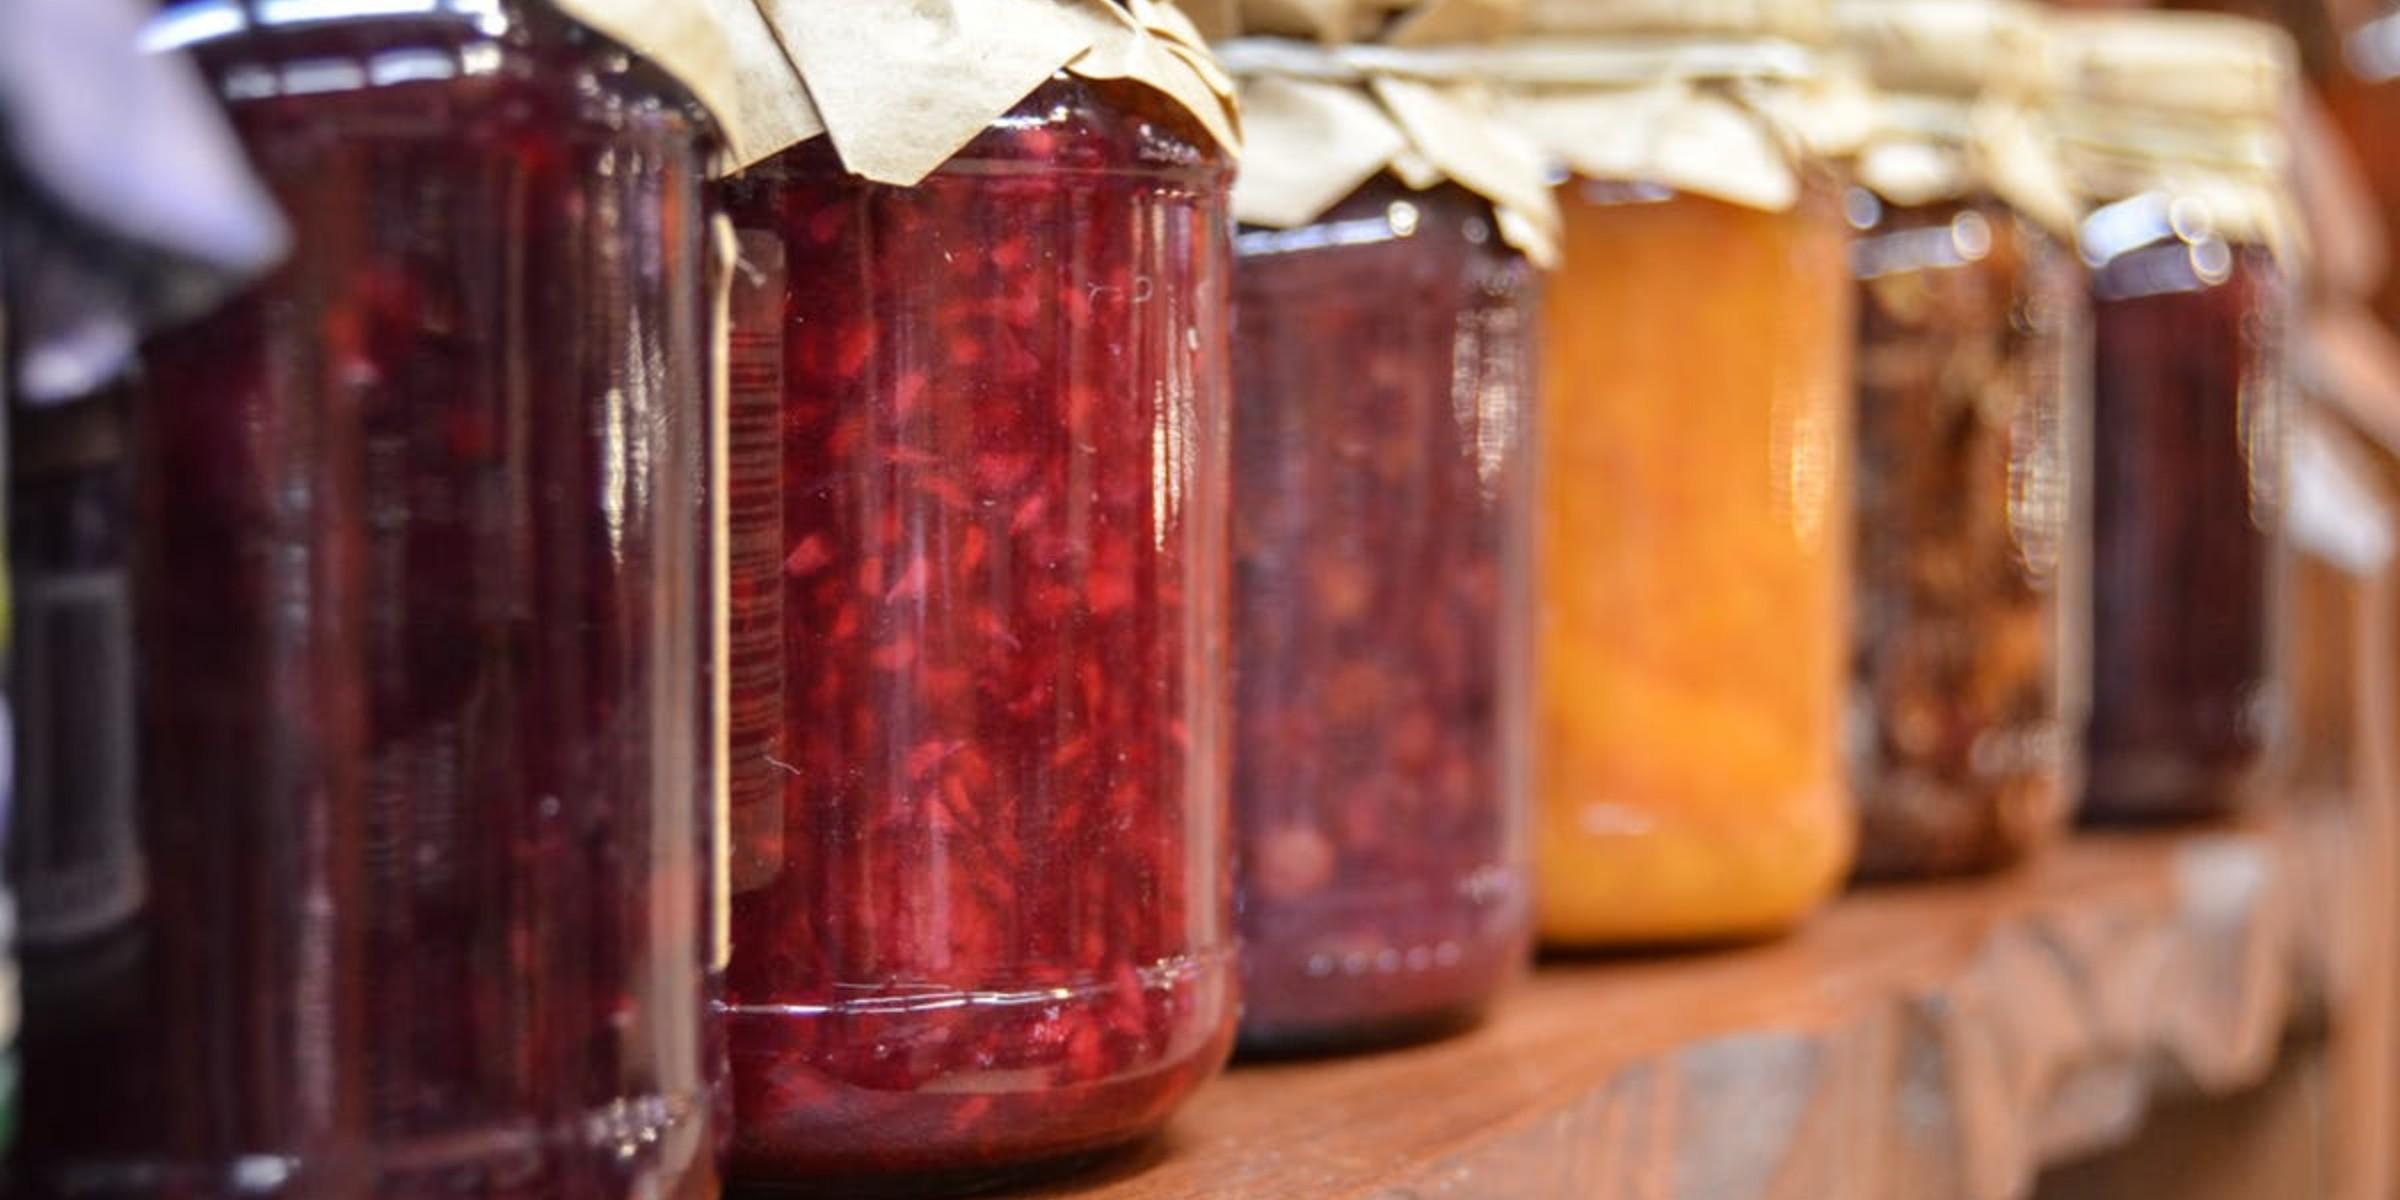 Forlæng årstiderne i dit spisekammer